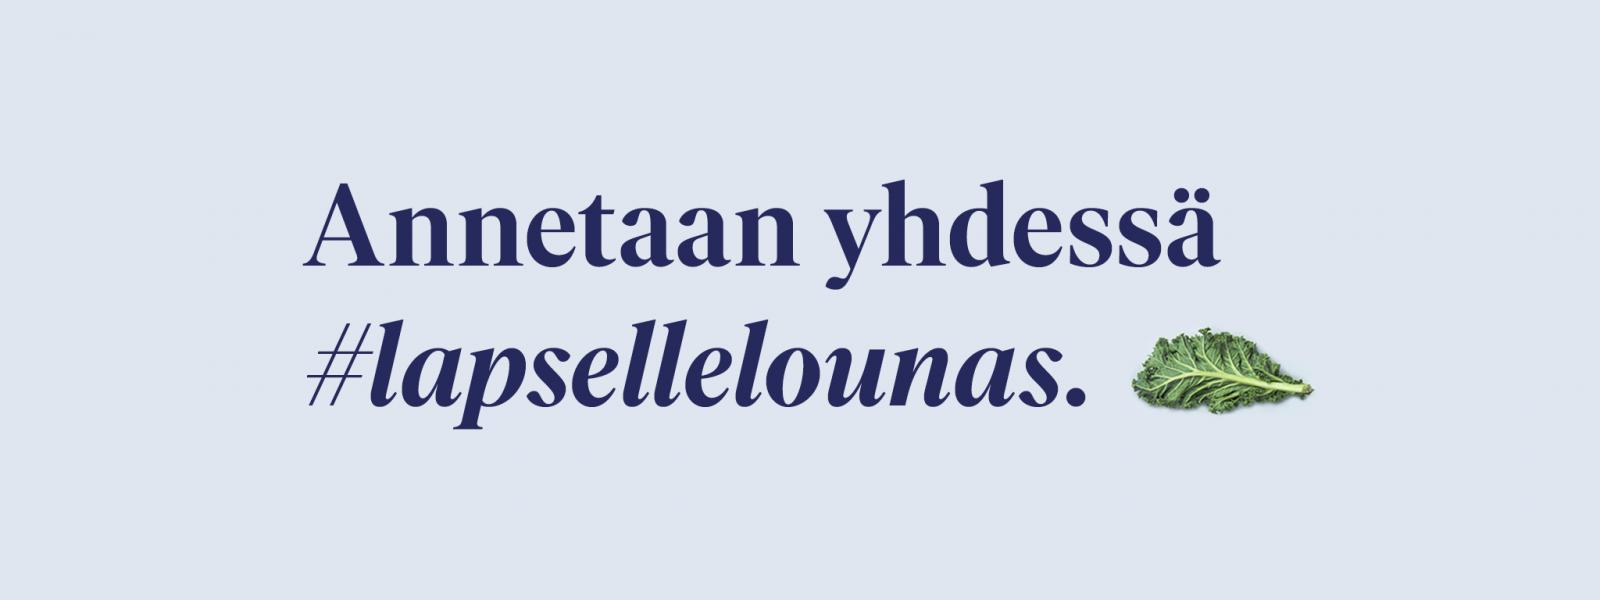 KÄYTETÄÄN VAIN JOKAISELLE LAPSELLE LOUNAS -KAMPANJAN YHTEYDESSÄ